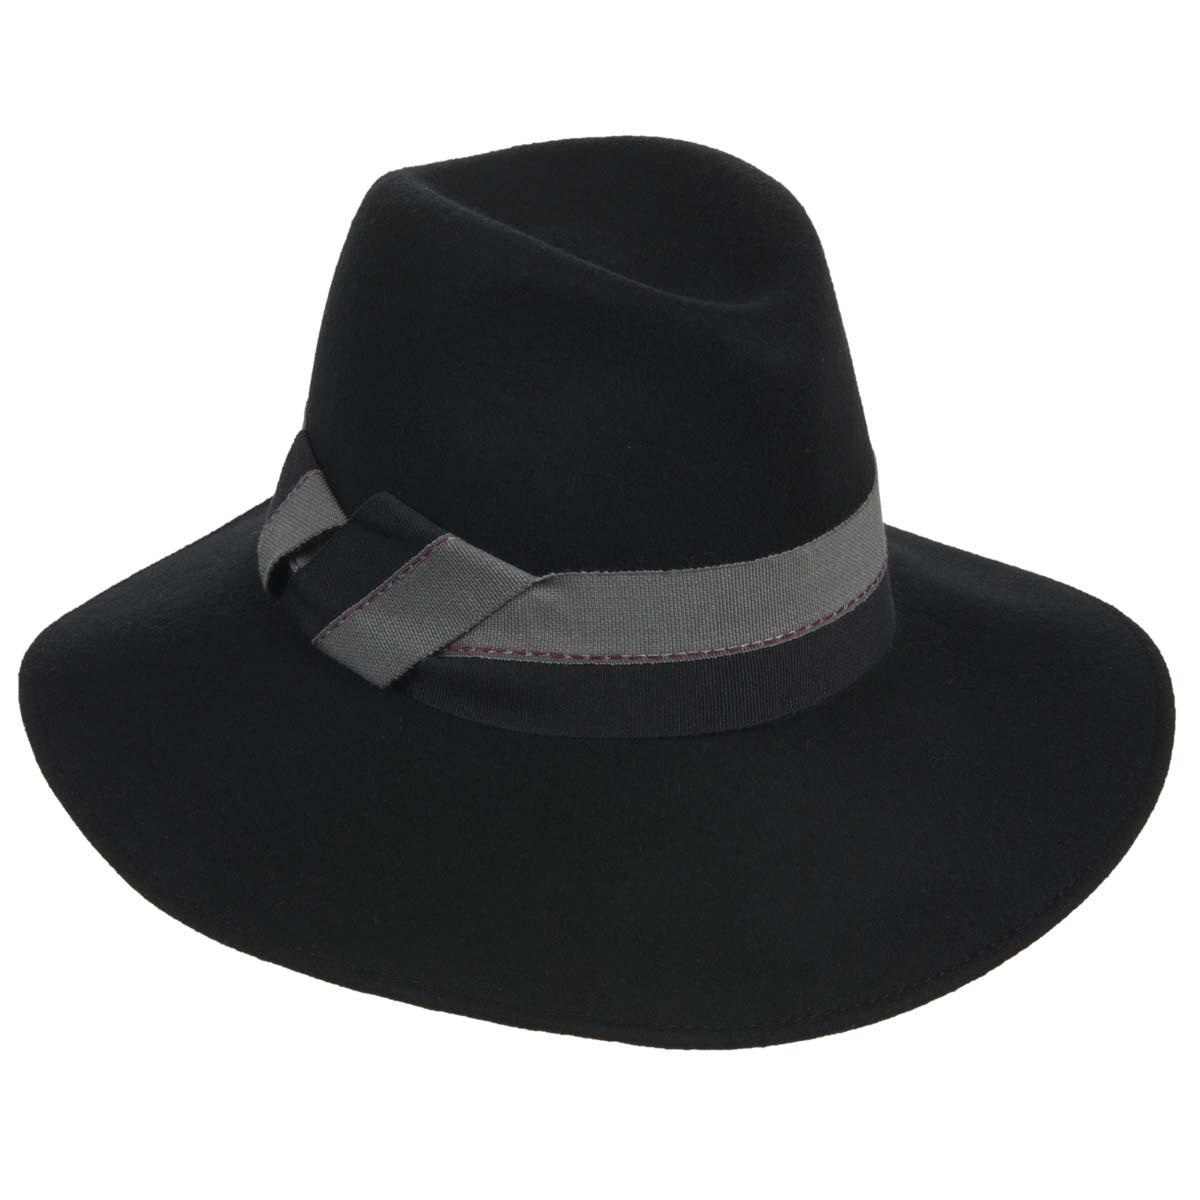 cappello con tesa larga firmato ALESSANDRA BACCI  8b4077626d13